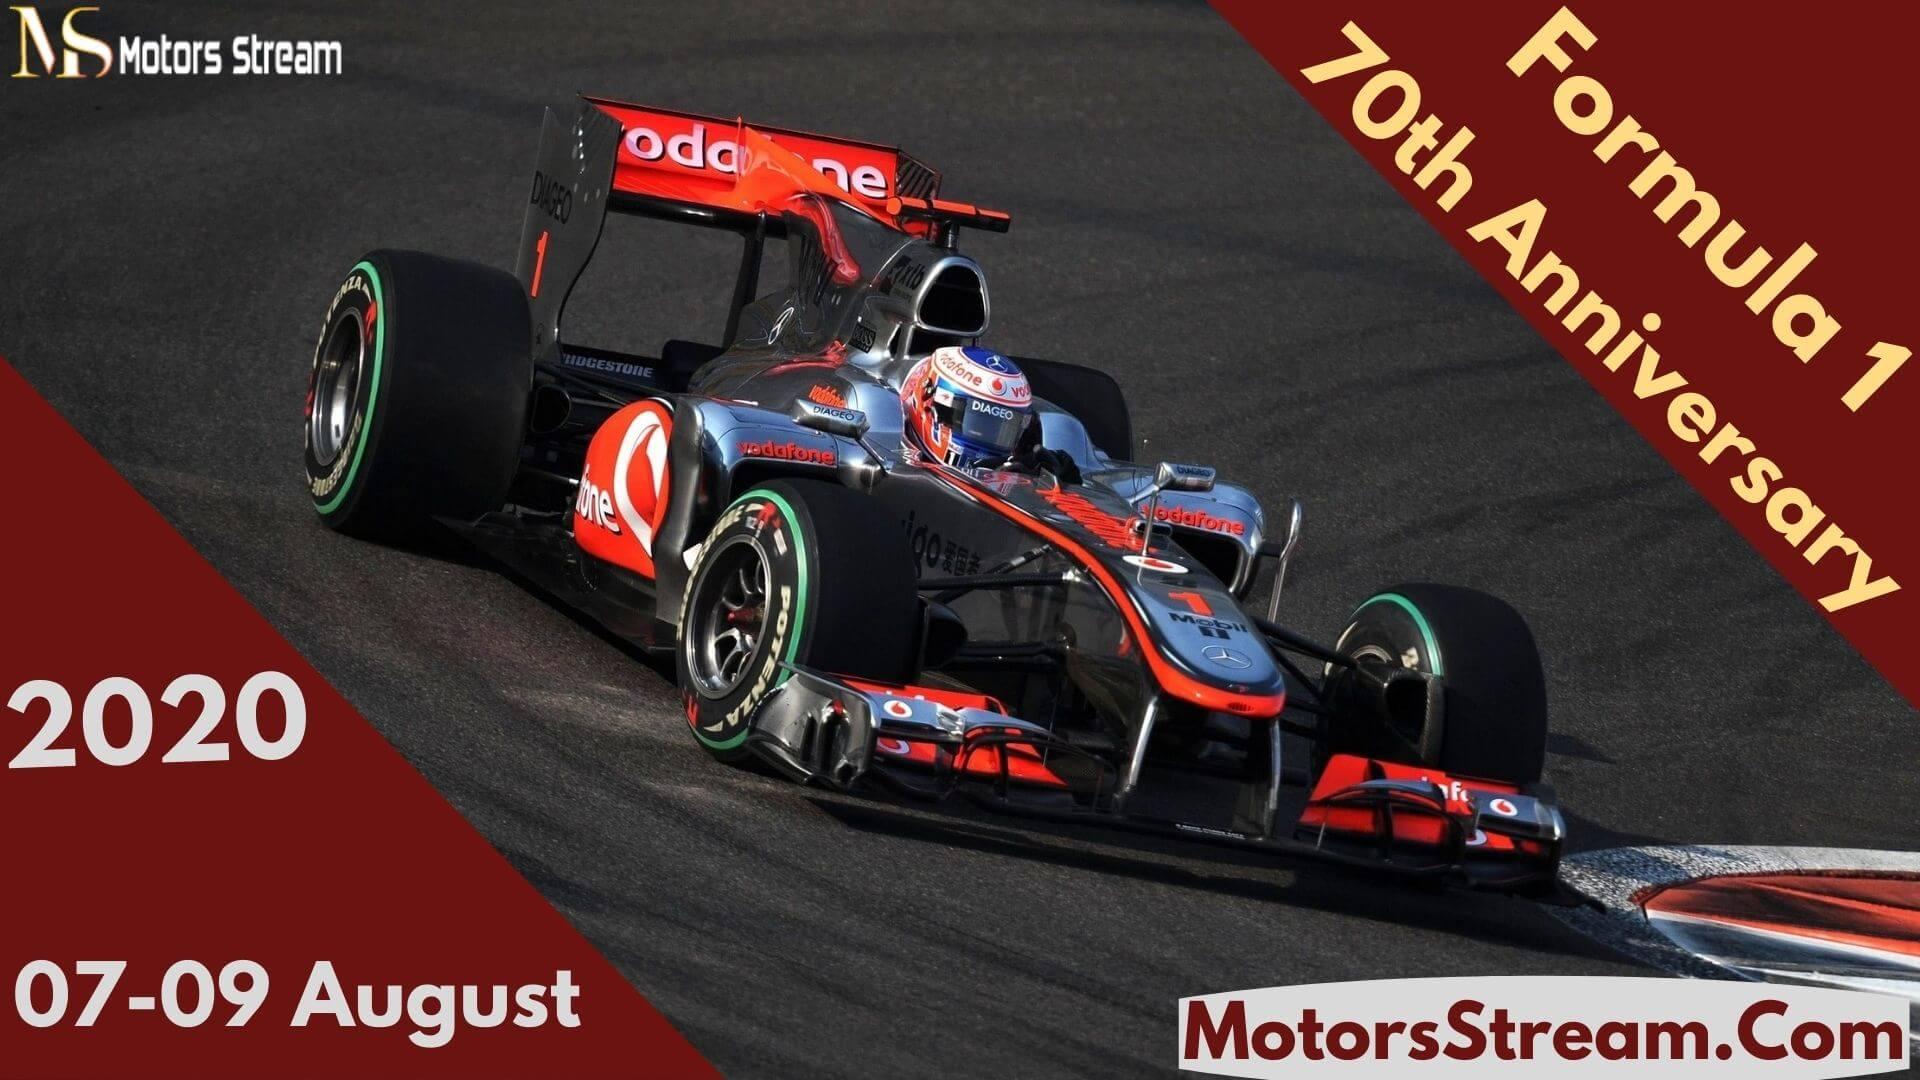 70th Anniversary GP Silverstone Live Stream